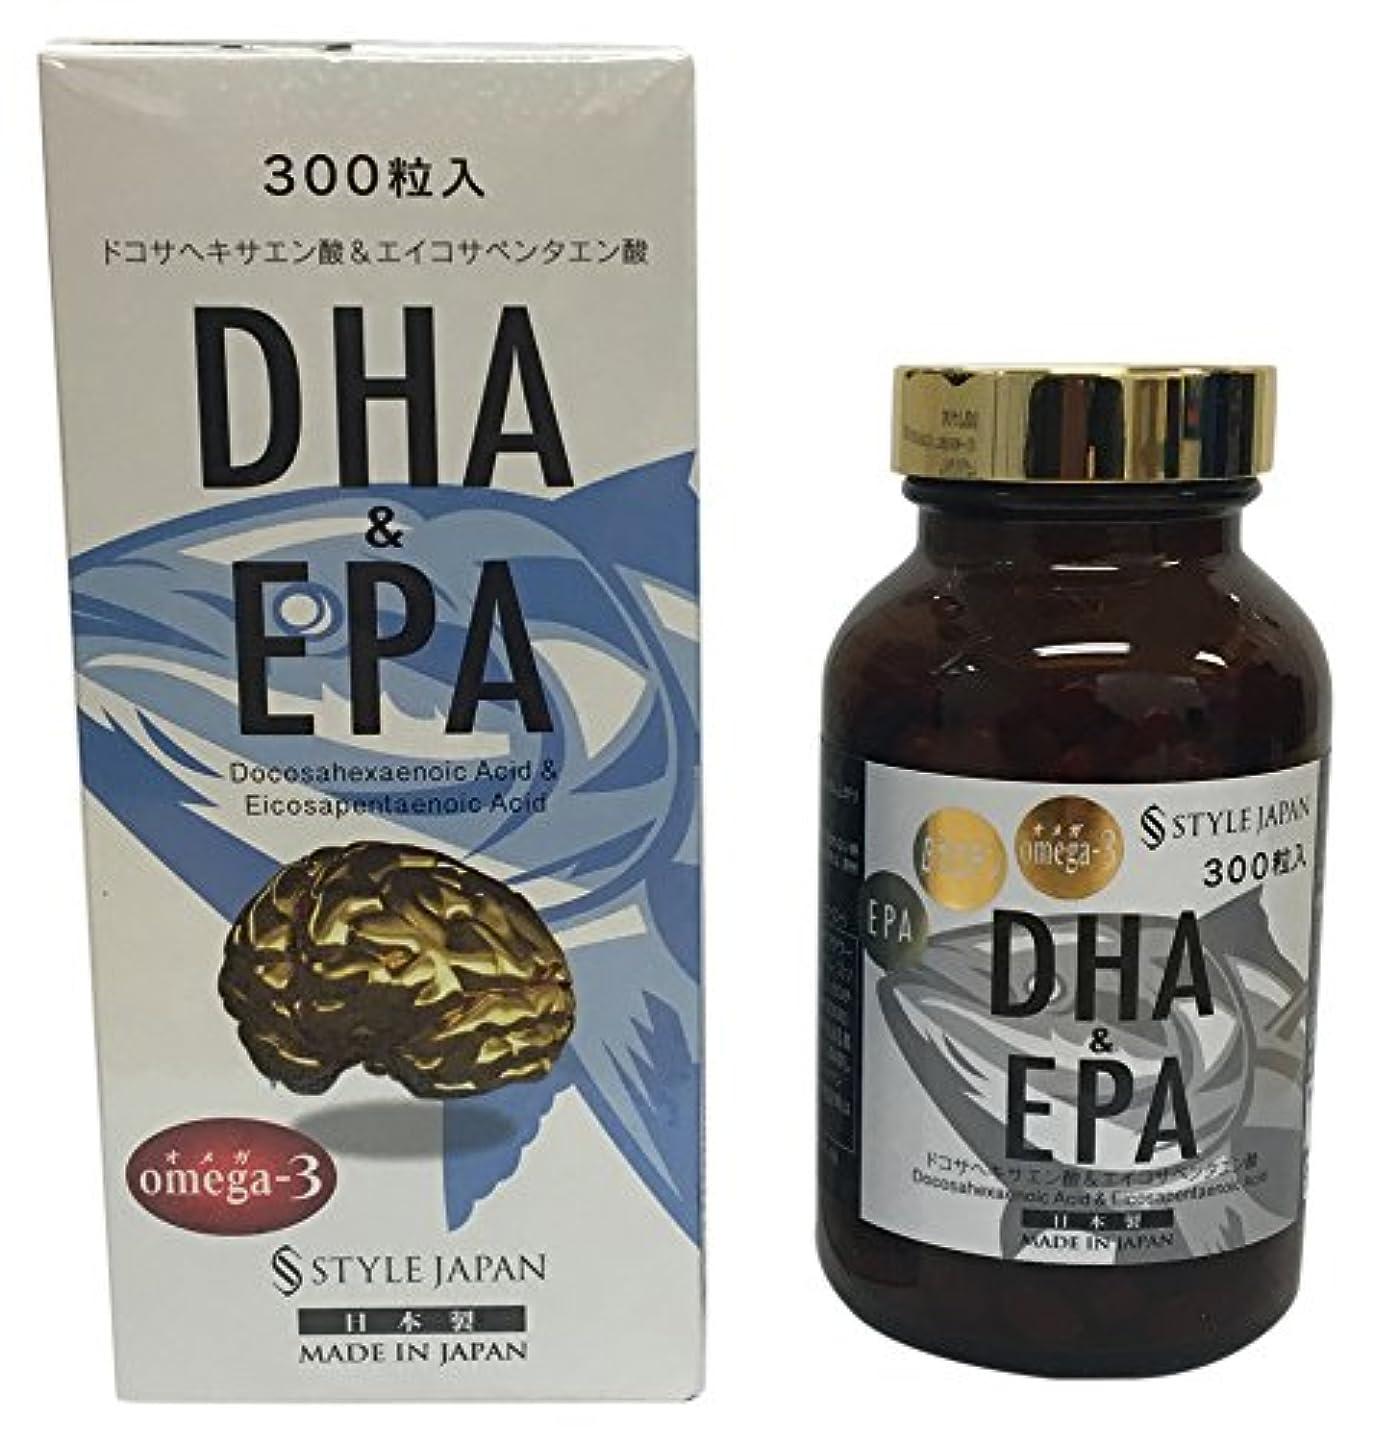 交換オーバードロー不適スタイルジャパン DHA&EPA 300粒 90g 日本製